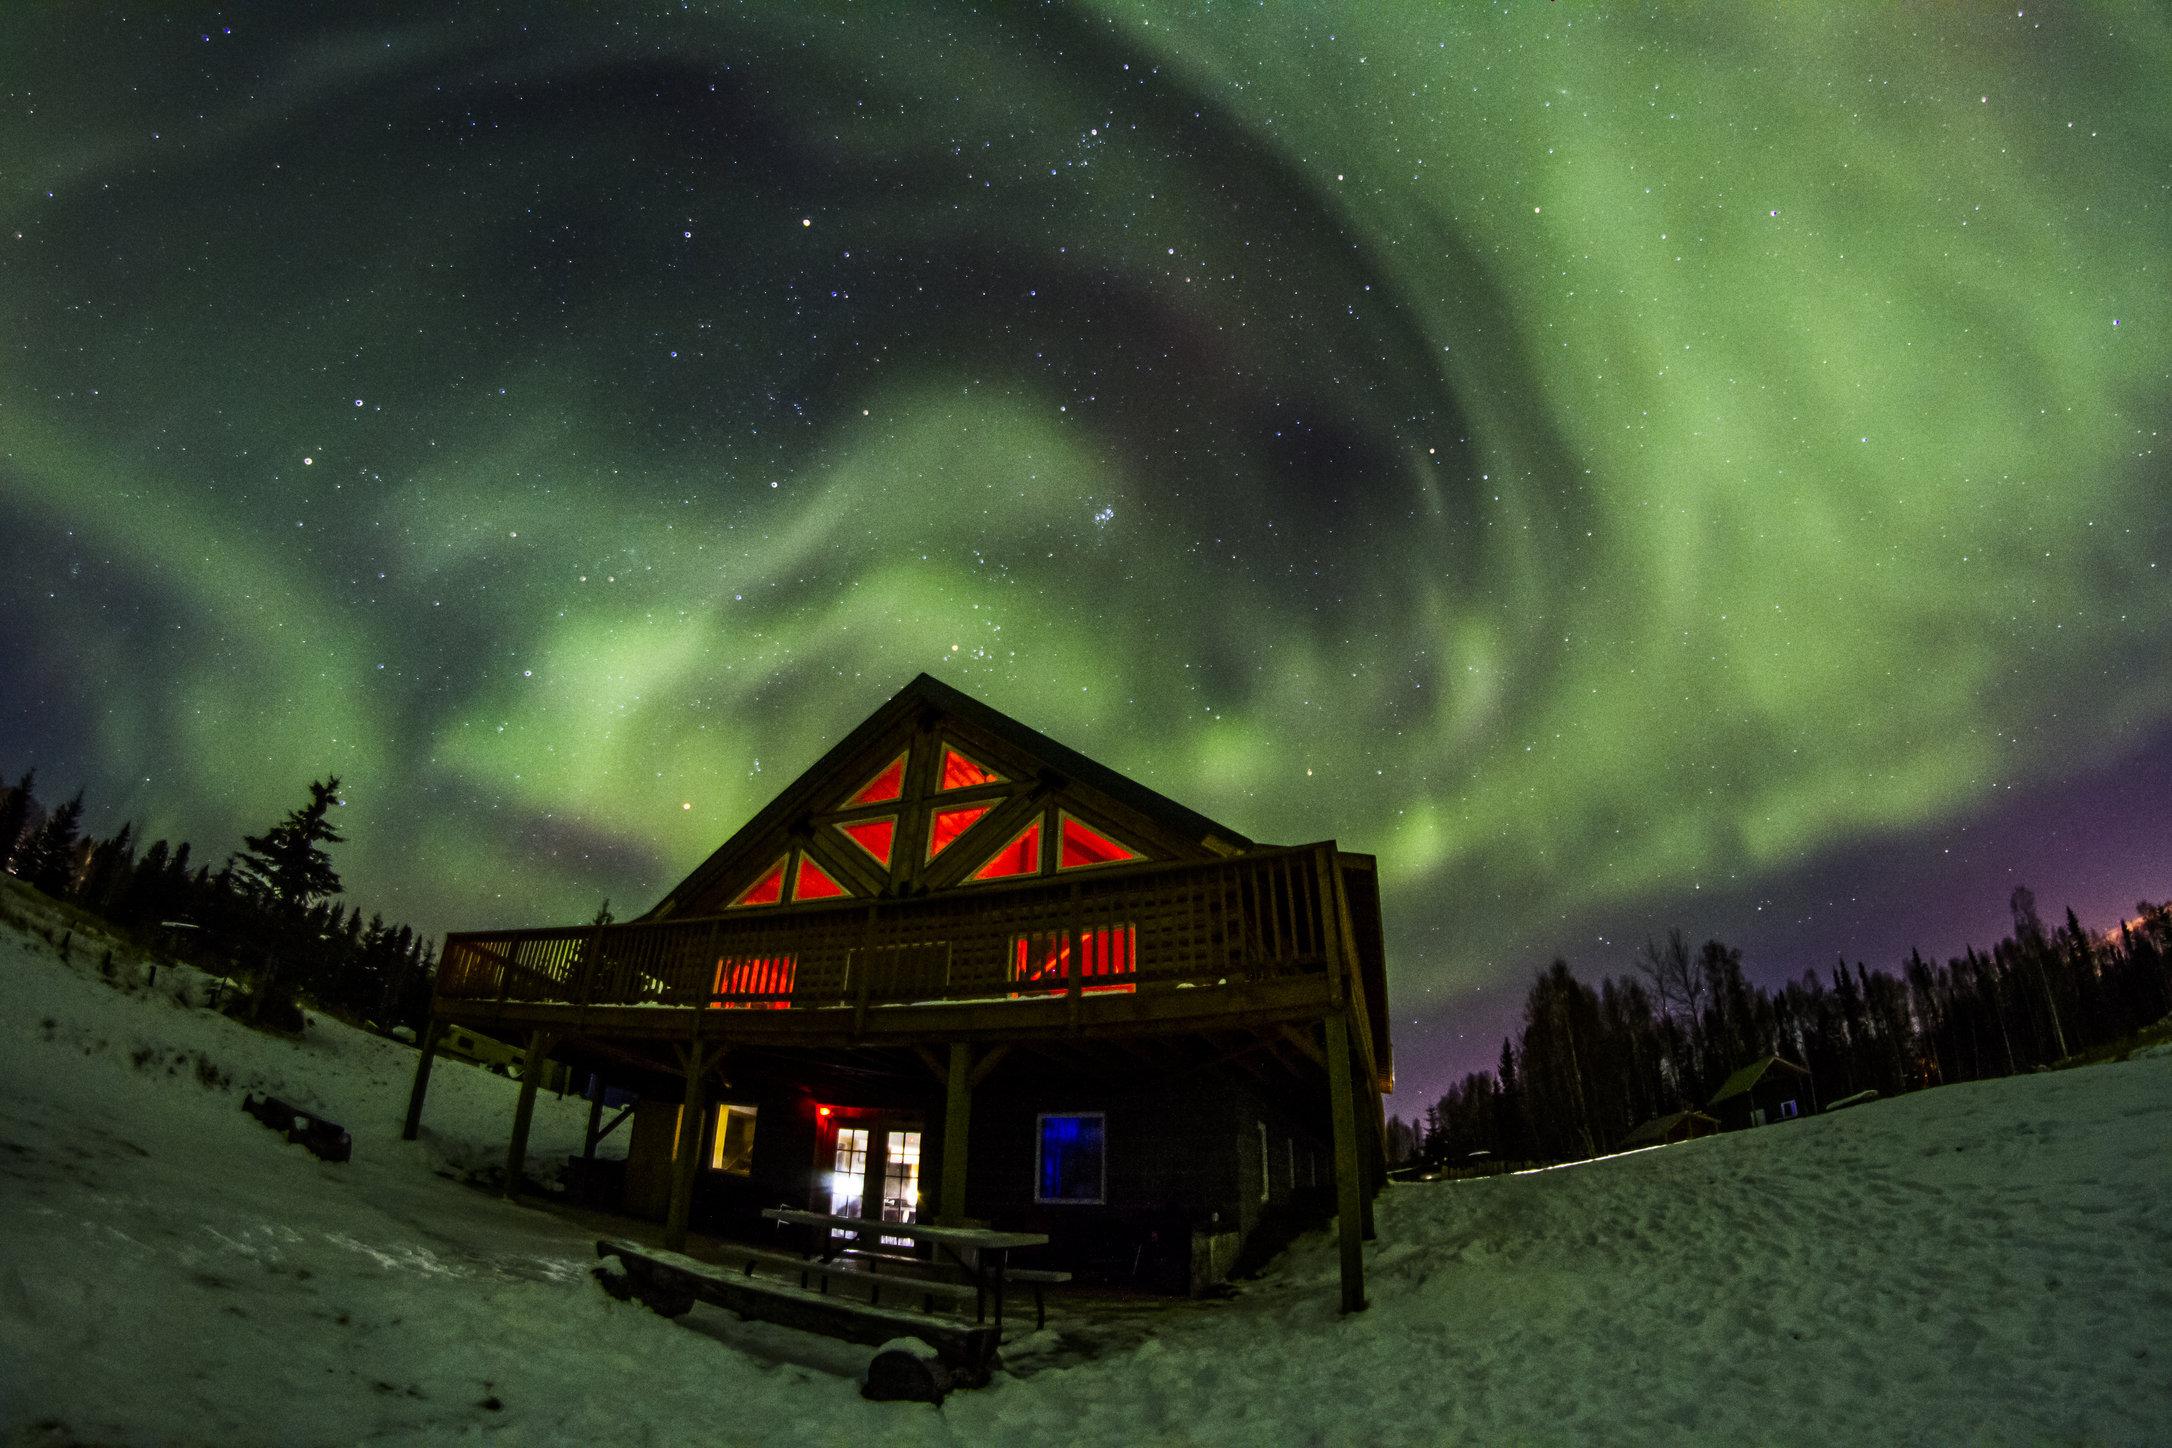 Alaska, U.S.A. 2014.